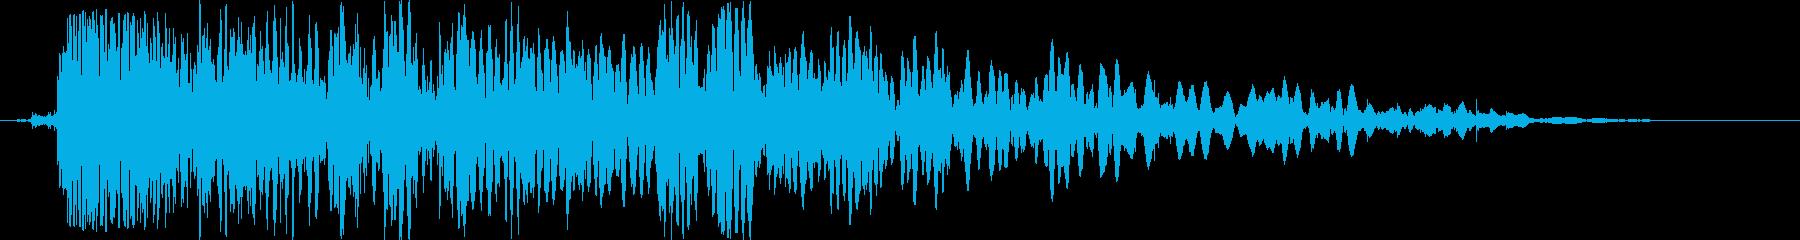 バッテリーラム:シングルスローイン...の再生済みの波形